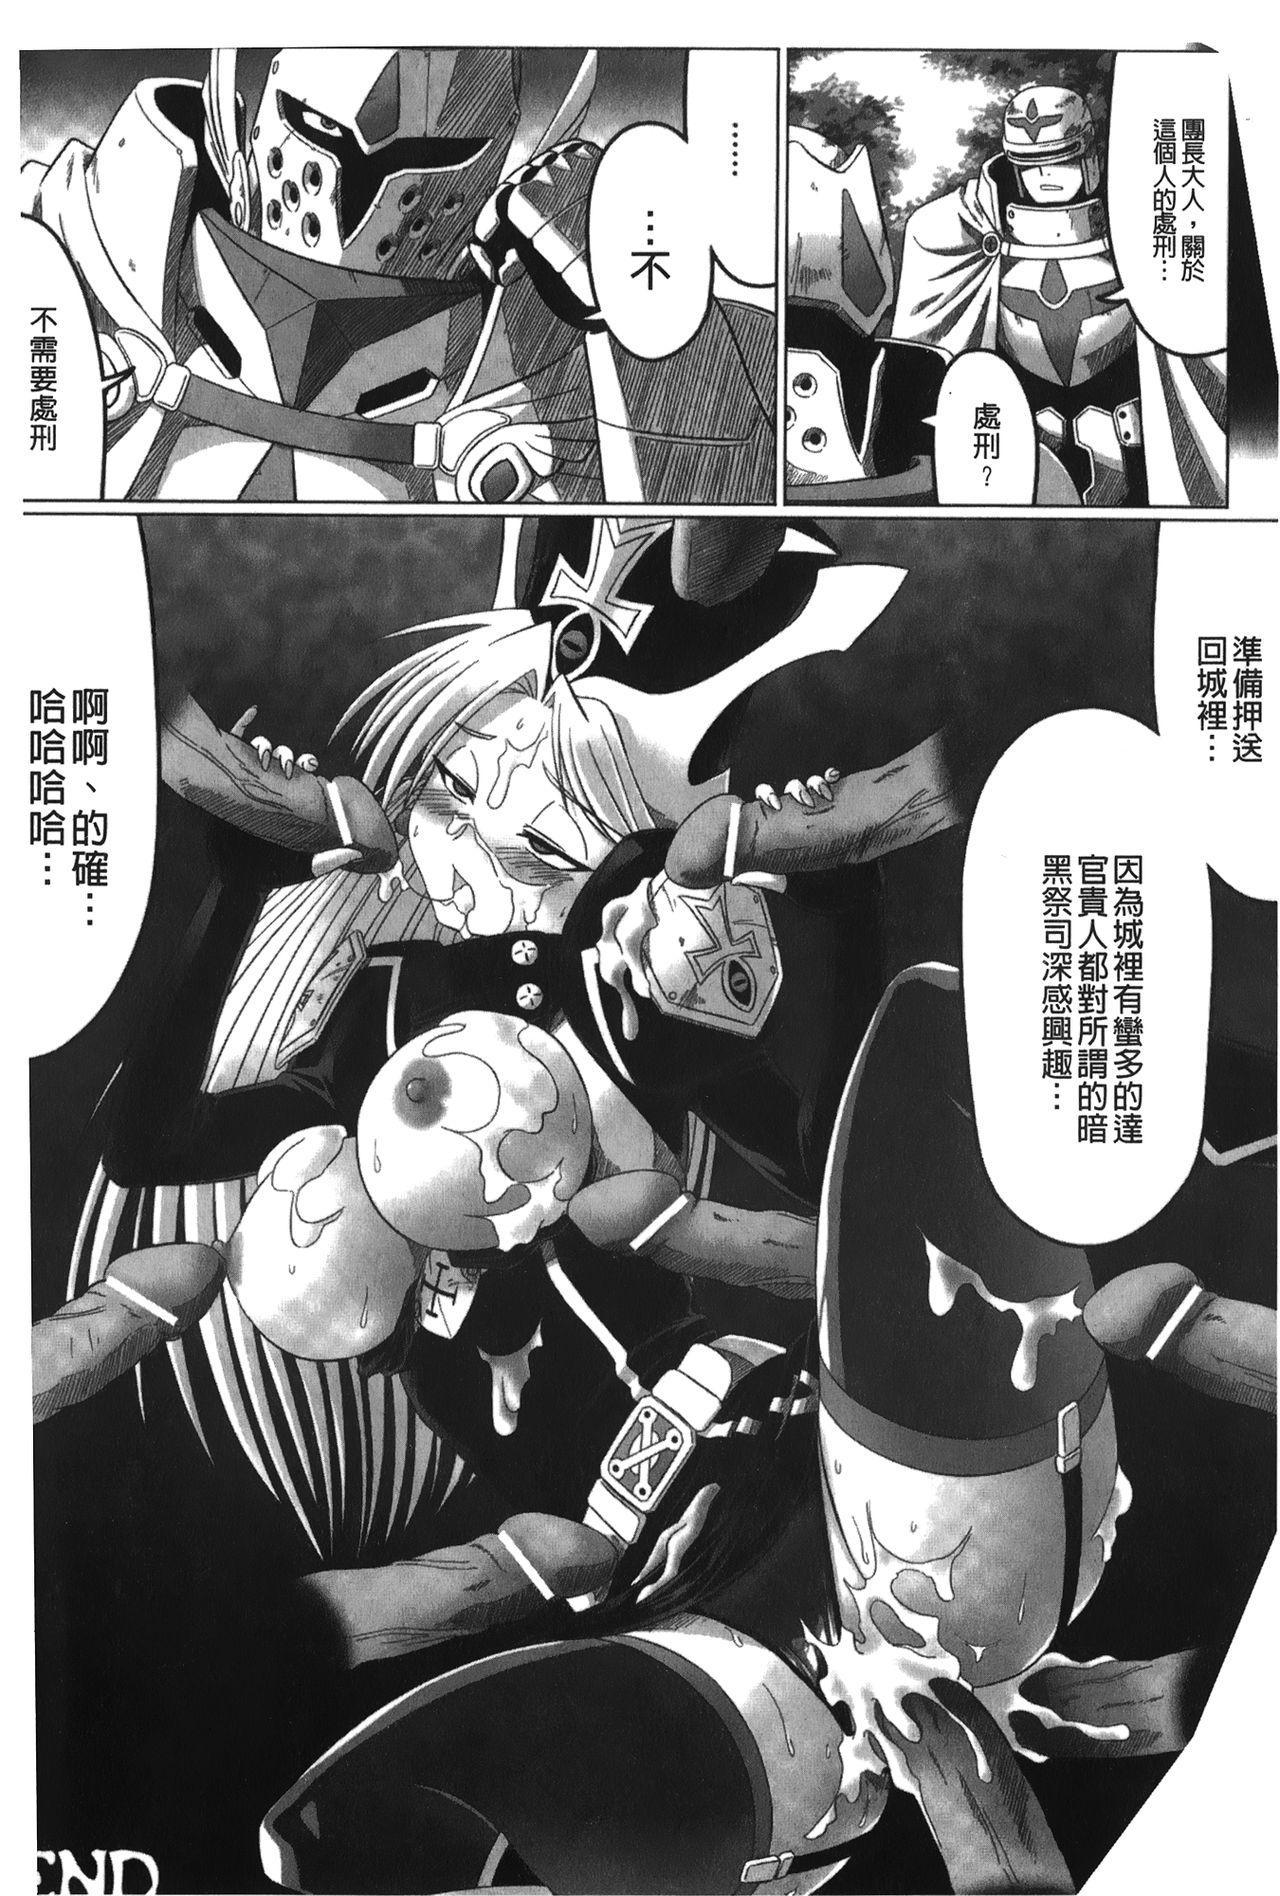 Ochita Tenshitachi no Zanei - The traces of fallen angels | 墮落的天使們的殘影 115